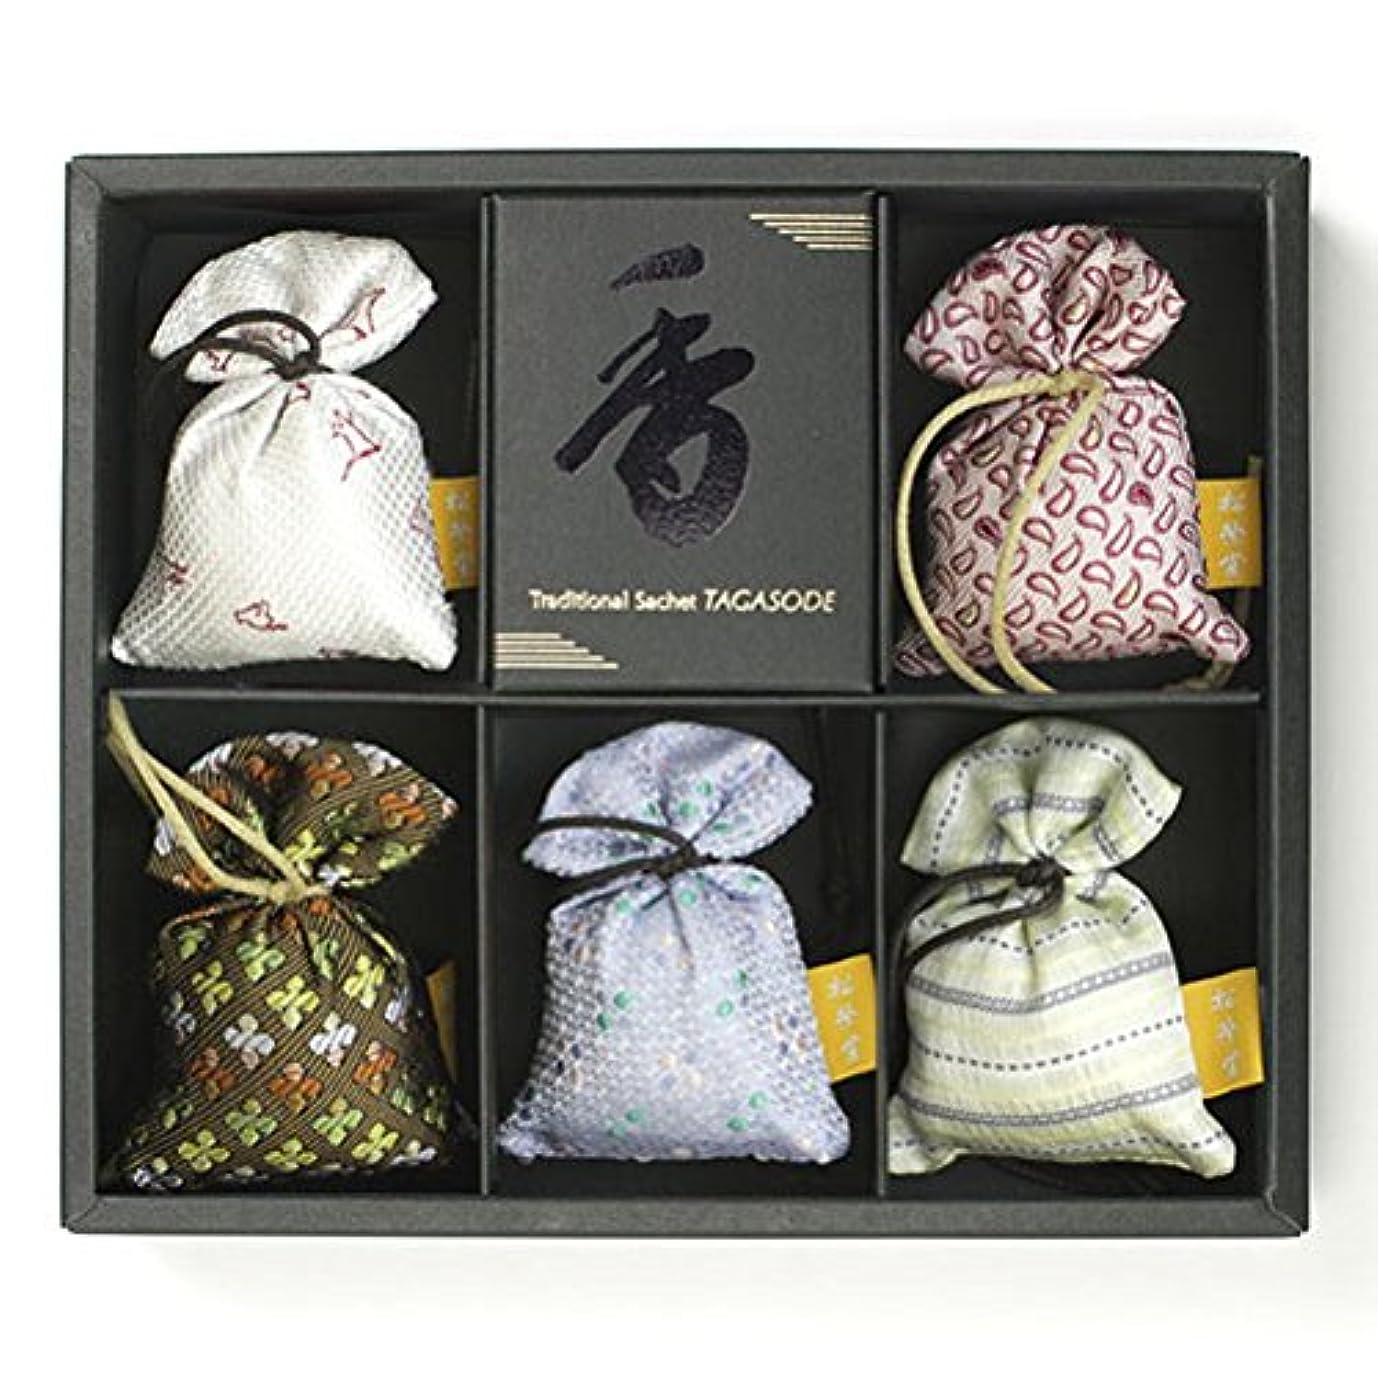 協会チーズについて匂い袋 誰が袖 薫 かおる 5個入 松栄堂 Shoyeido 本体長さ60mm